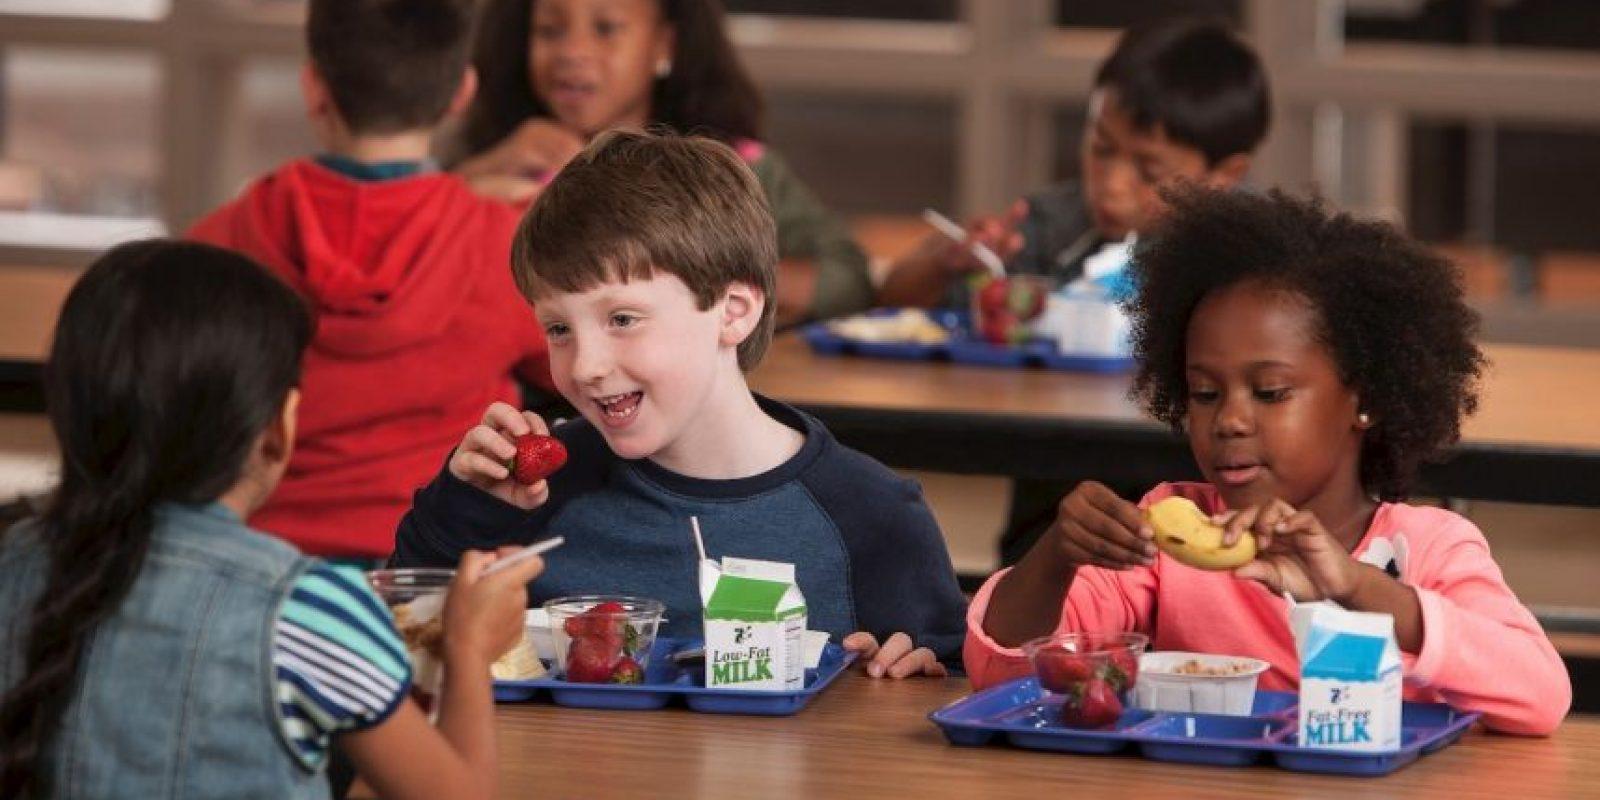 La primera fase consistió en colocar caritas felices verdes en los cuatro alimentos más nutritivos, incluyendo frutas, verduras, leche blanca descremada y un plato con granos enteros en la cafetería de la escuela. Foto:Creative Commons